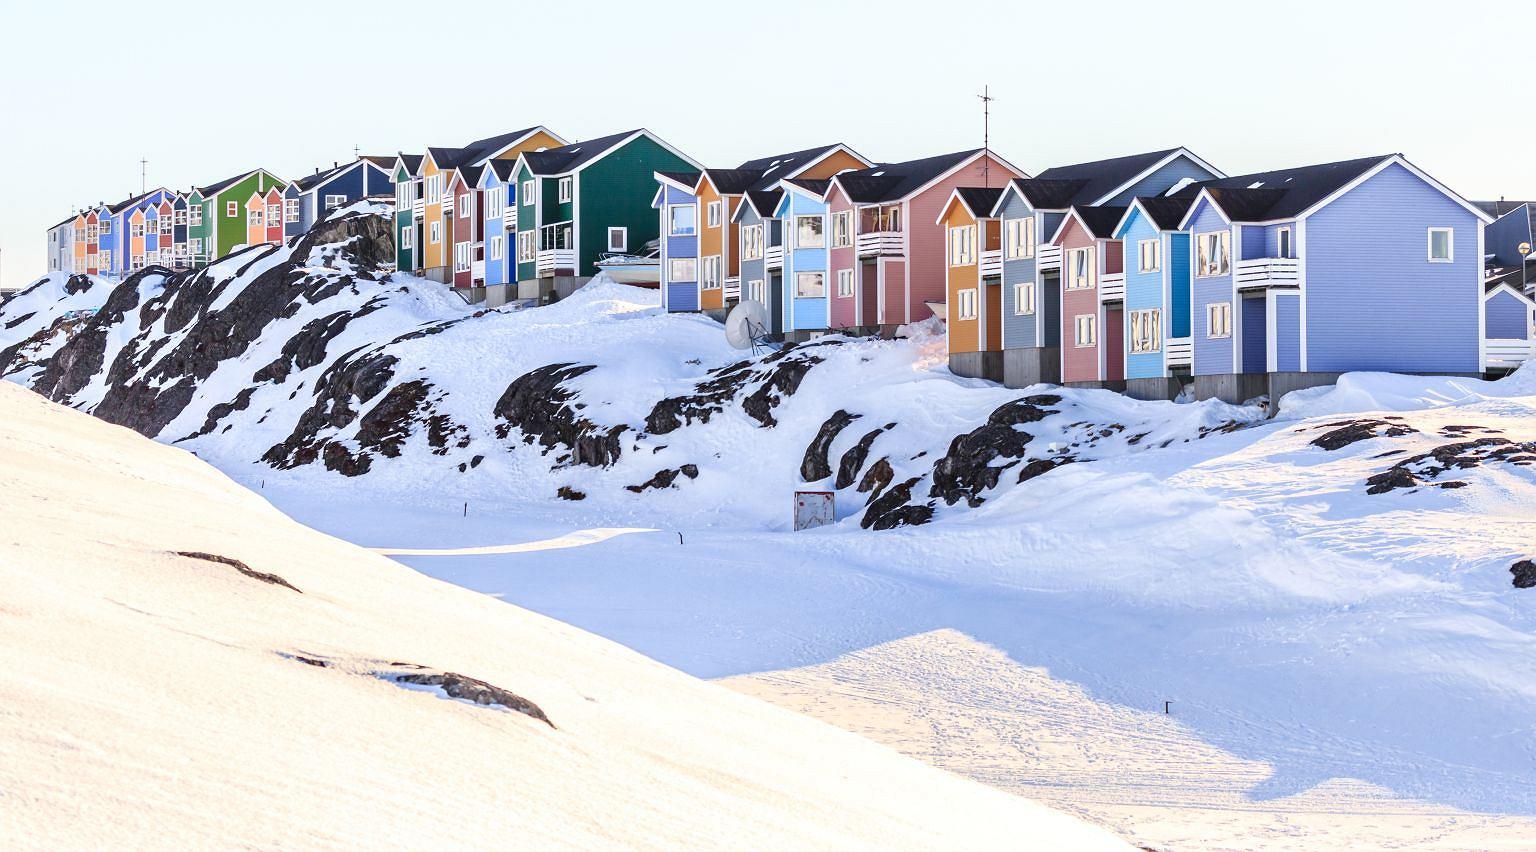 Lato na Grenlandii trwa 2 miesiące. Temperatura oscyluje wtedy wokół 10 stopni Celsjusza